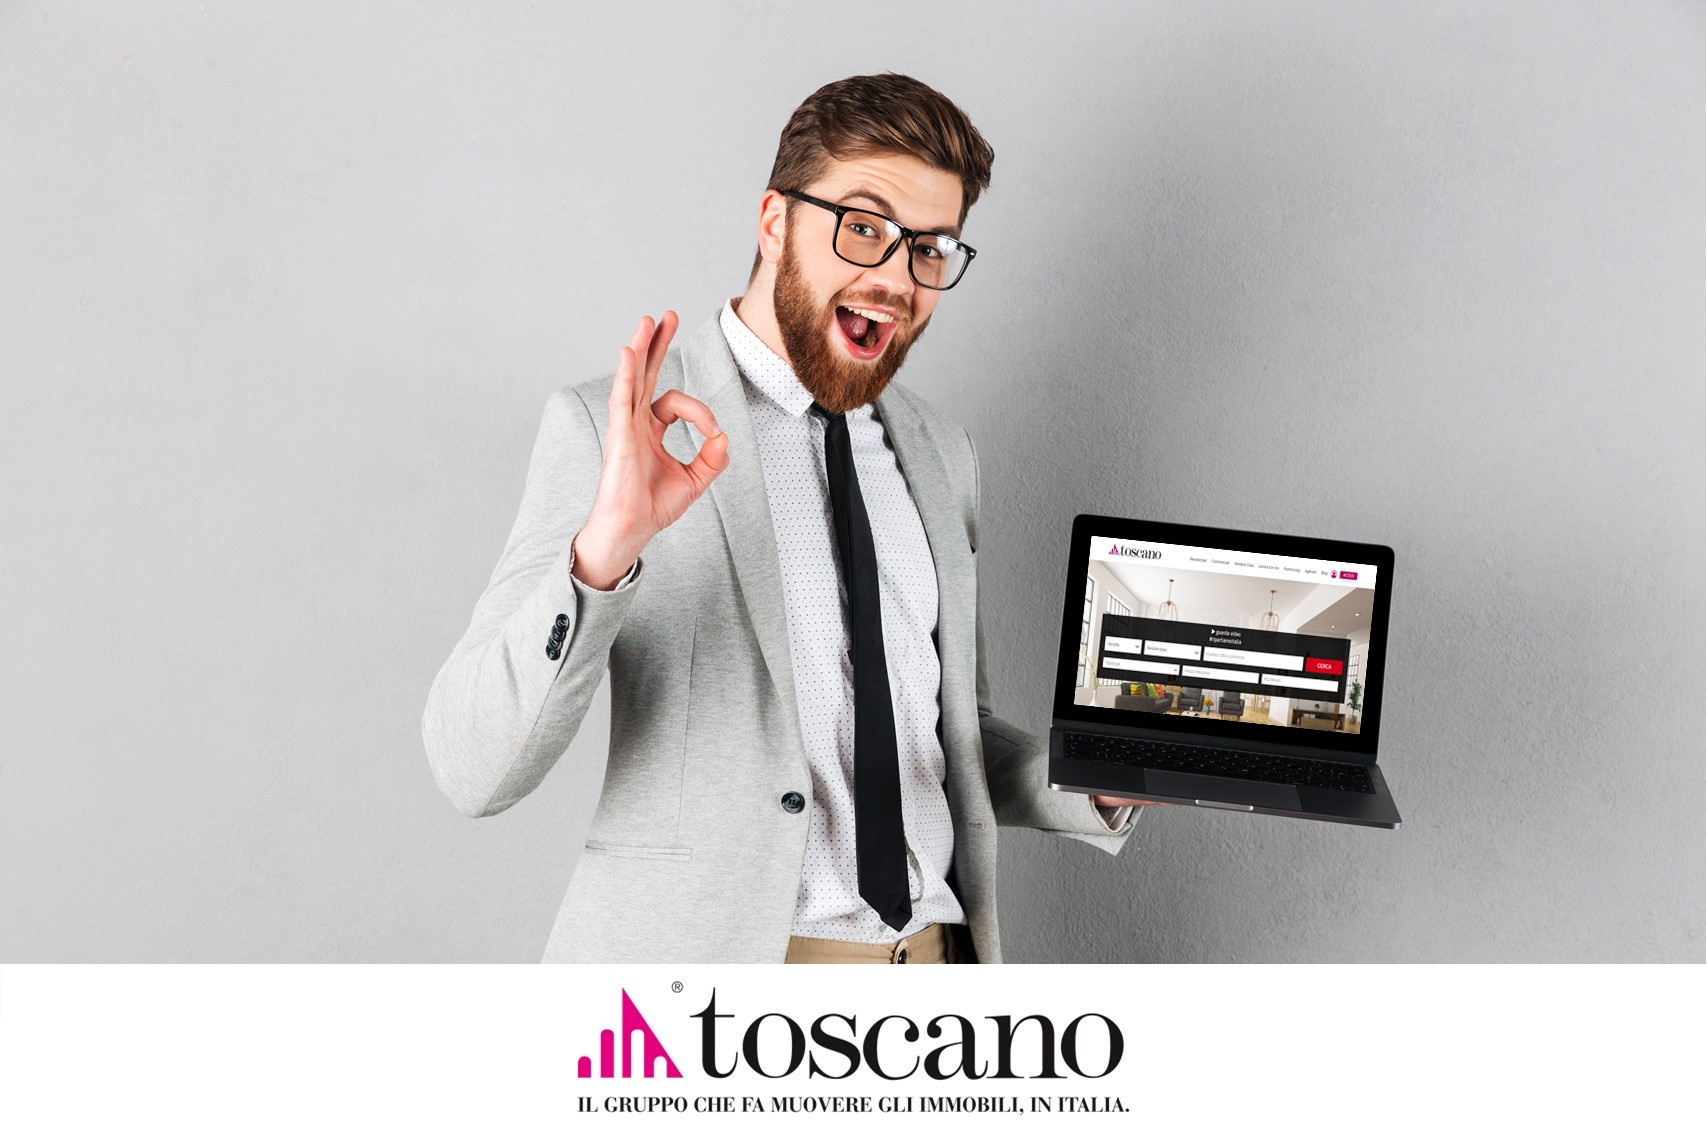 valutazione automatica online